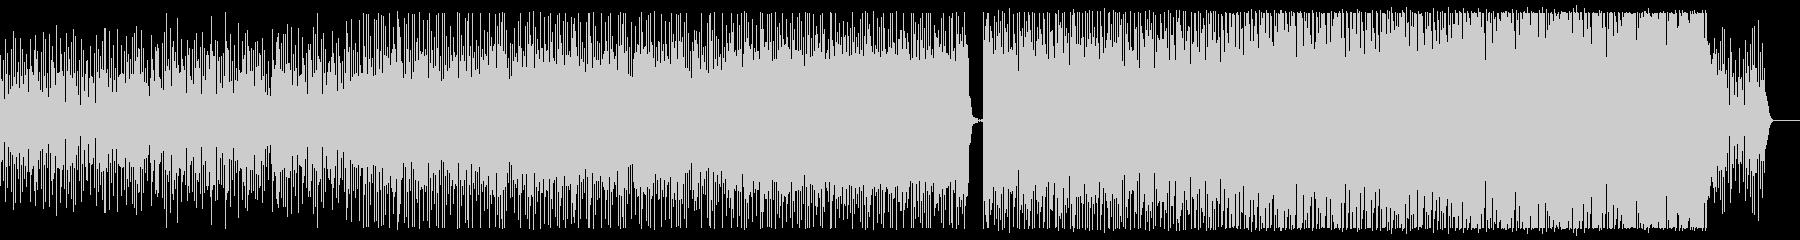 機械軍が行進する様なエレクトリックビートの未再生の波形